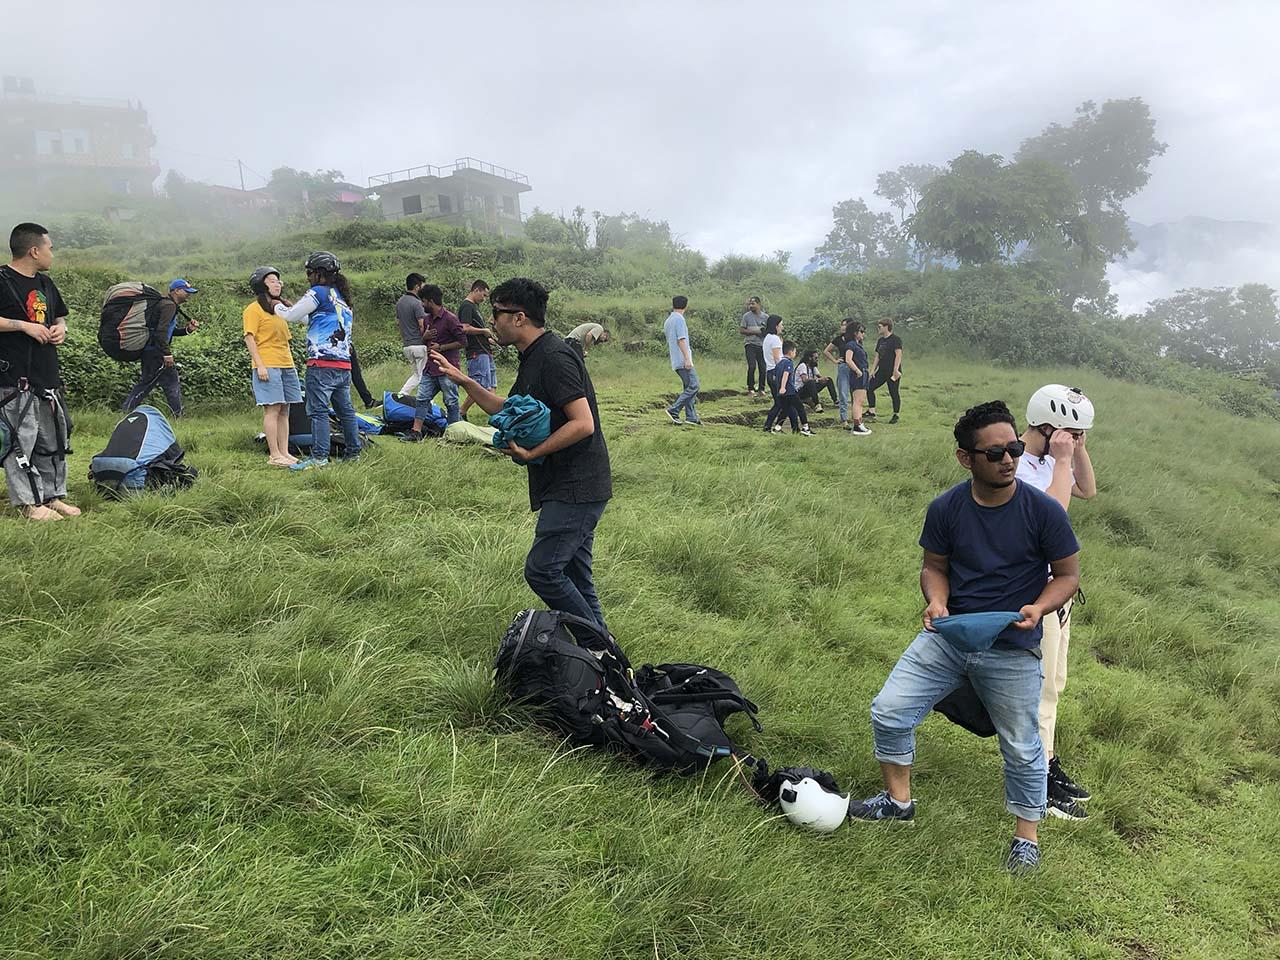 活成海报中的样子,带老婆挑战滑翔伞 ,尼泊尔博卡拉第4天